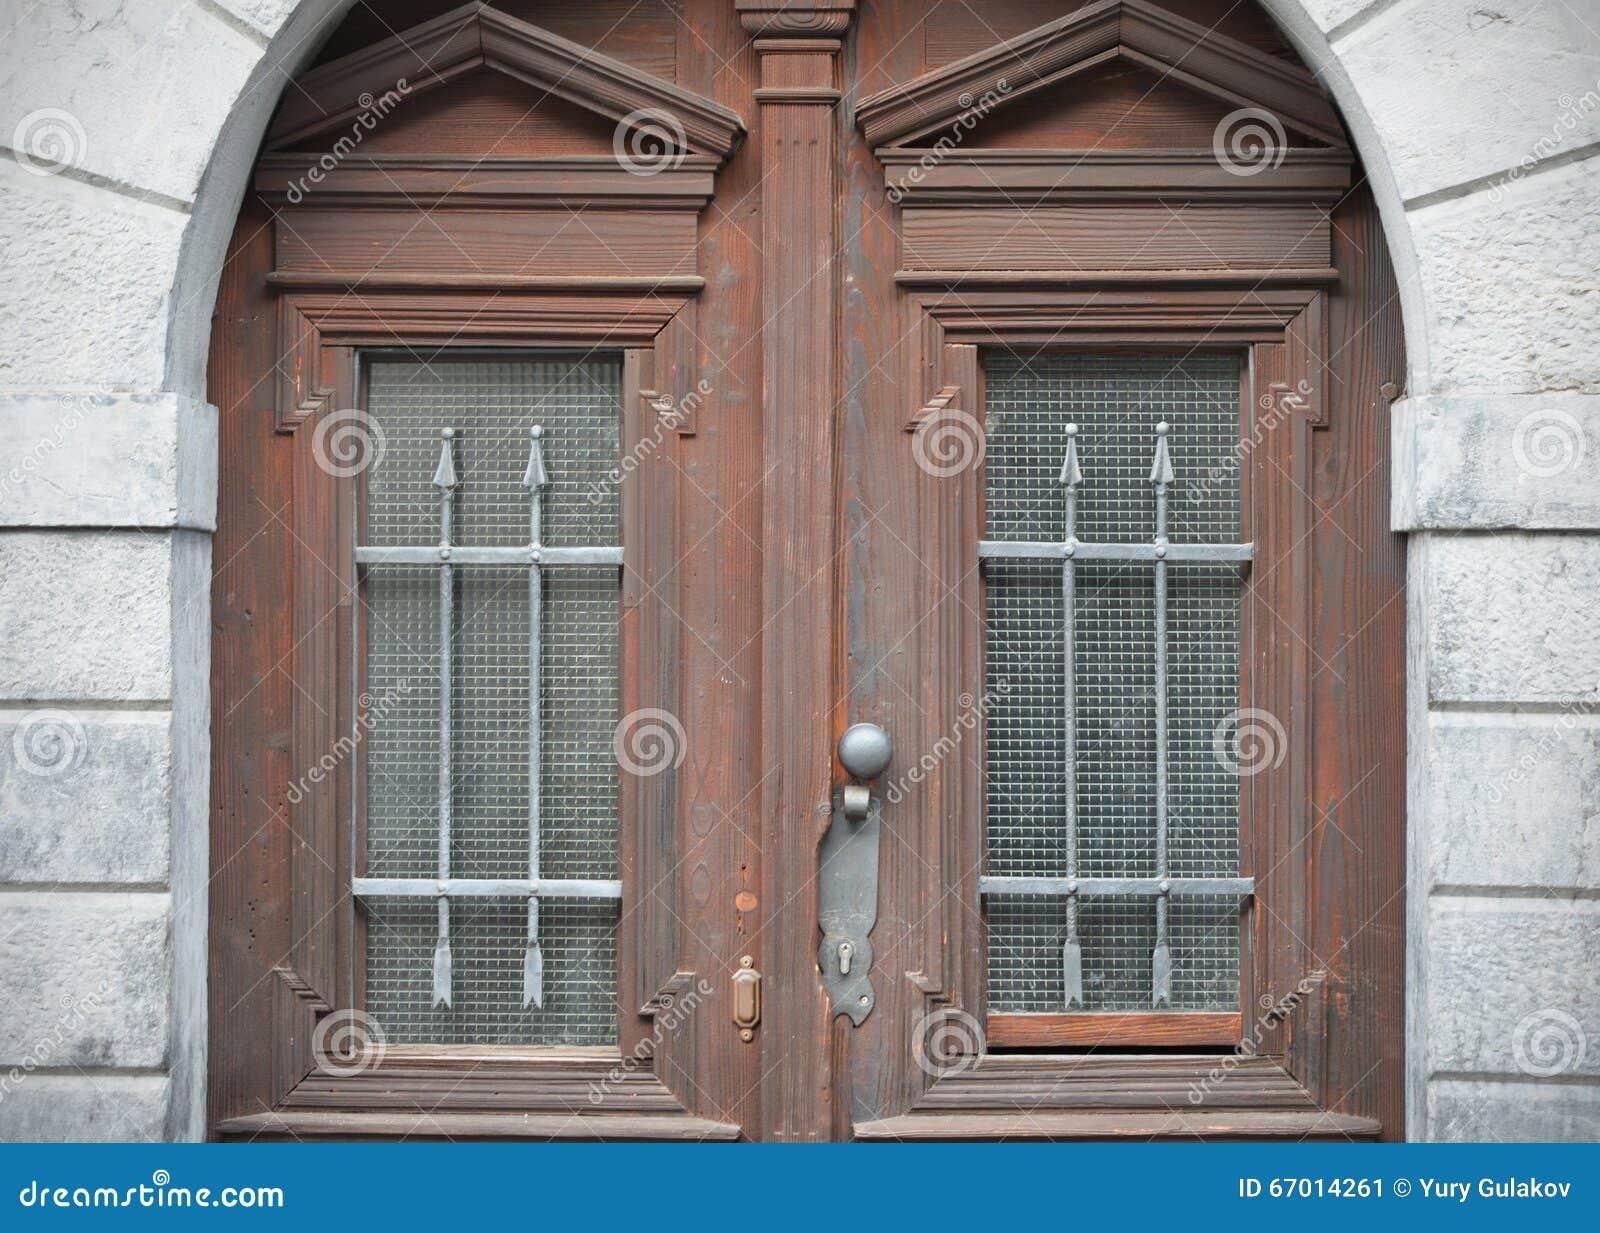 Hervorragend Alte Türen, Griffe, Verschlüsse, Gitter Und Fenster Stockfoto  SZ14